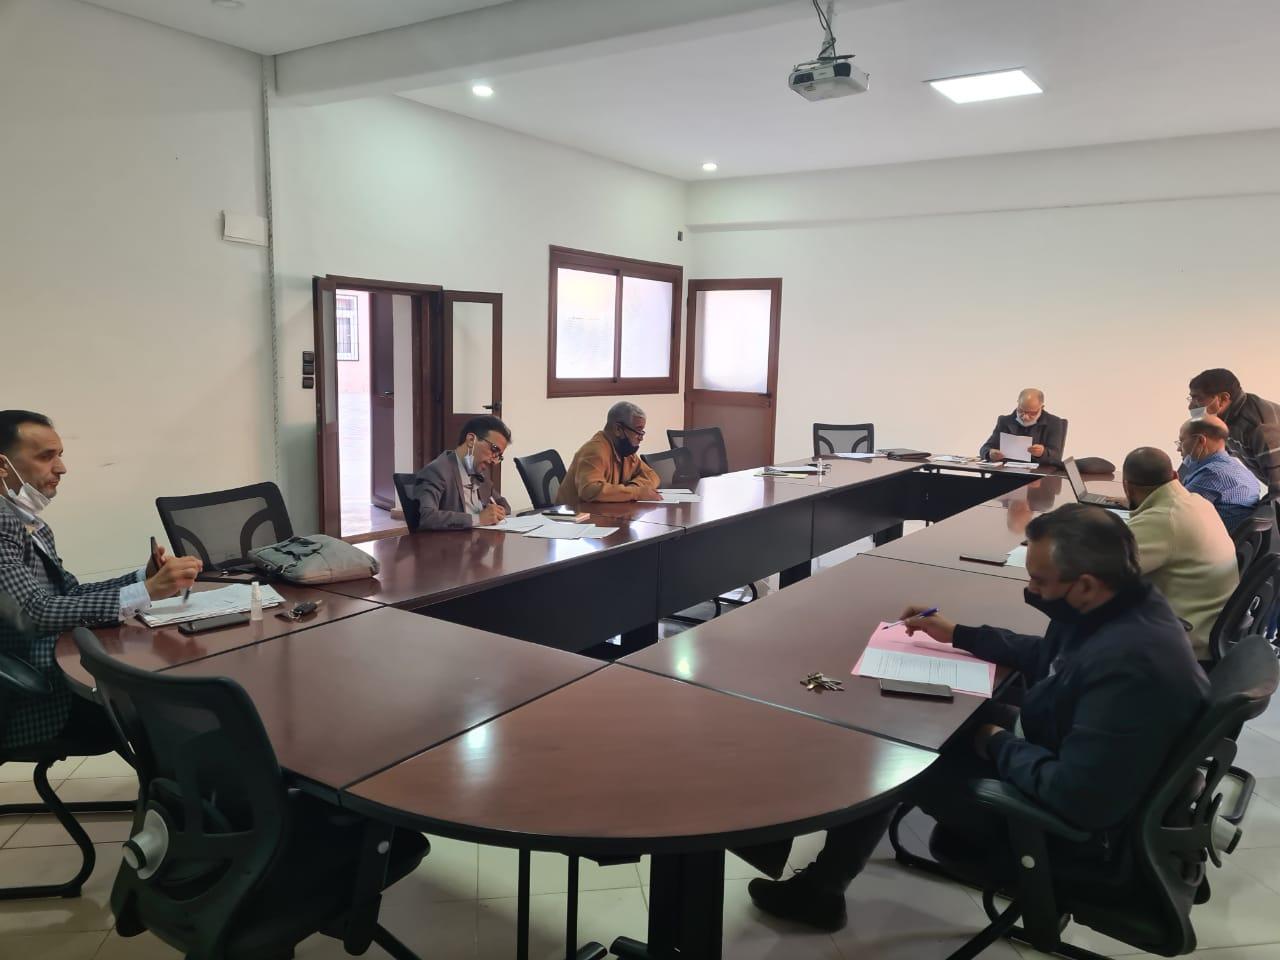 أيت ملول-منظمة الهجرة والتنمية تعقد لقاءا تواصليا مع الجماعة في إطار تتبع برنامج تقييم السياسات العمومية للمنظمة